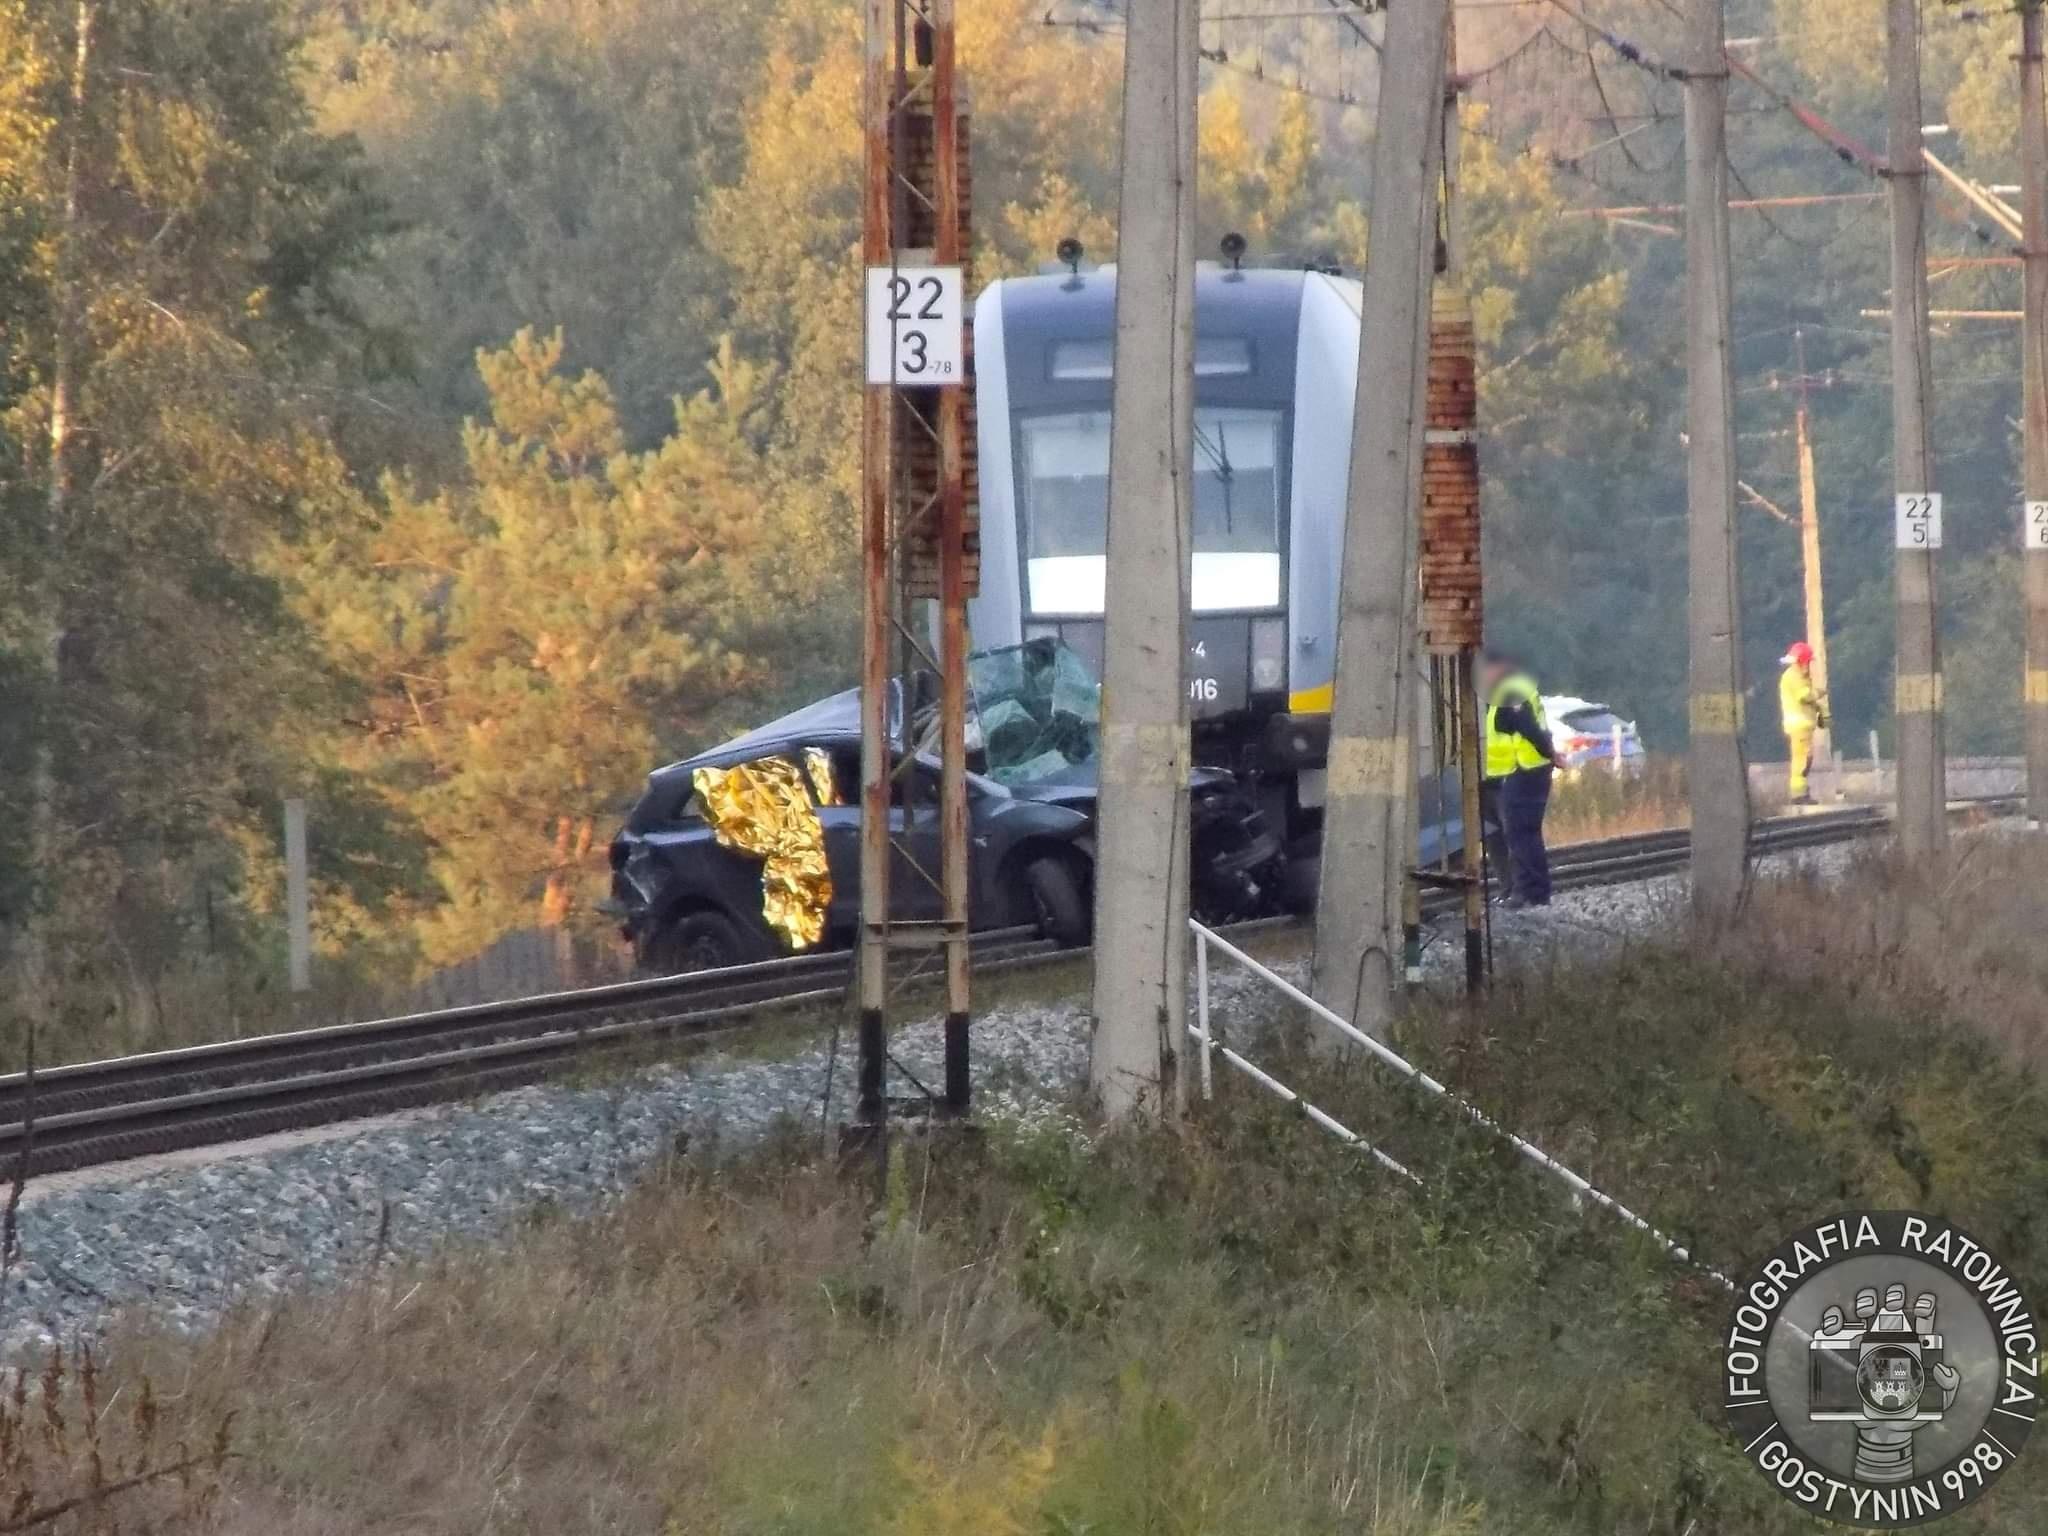 Tragiczny wypadek na przejeździe kolejowym. 61-latek wjechał  pod pociąg [ZDJĘCIA] - Zdjęcie główne